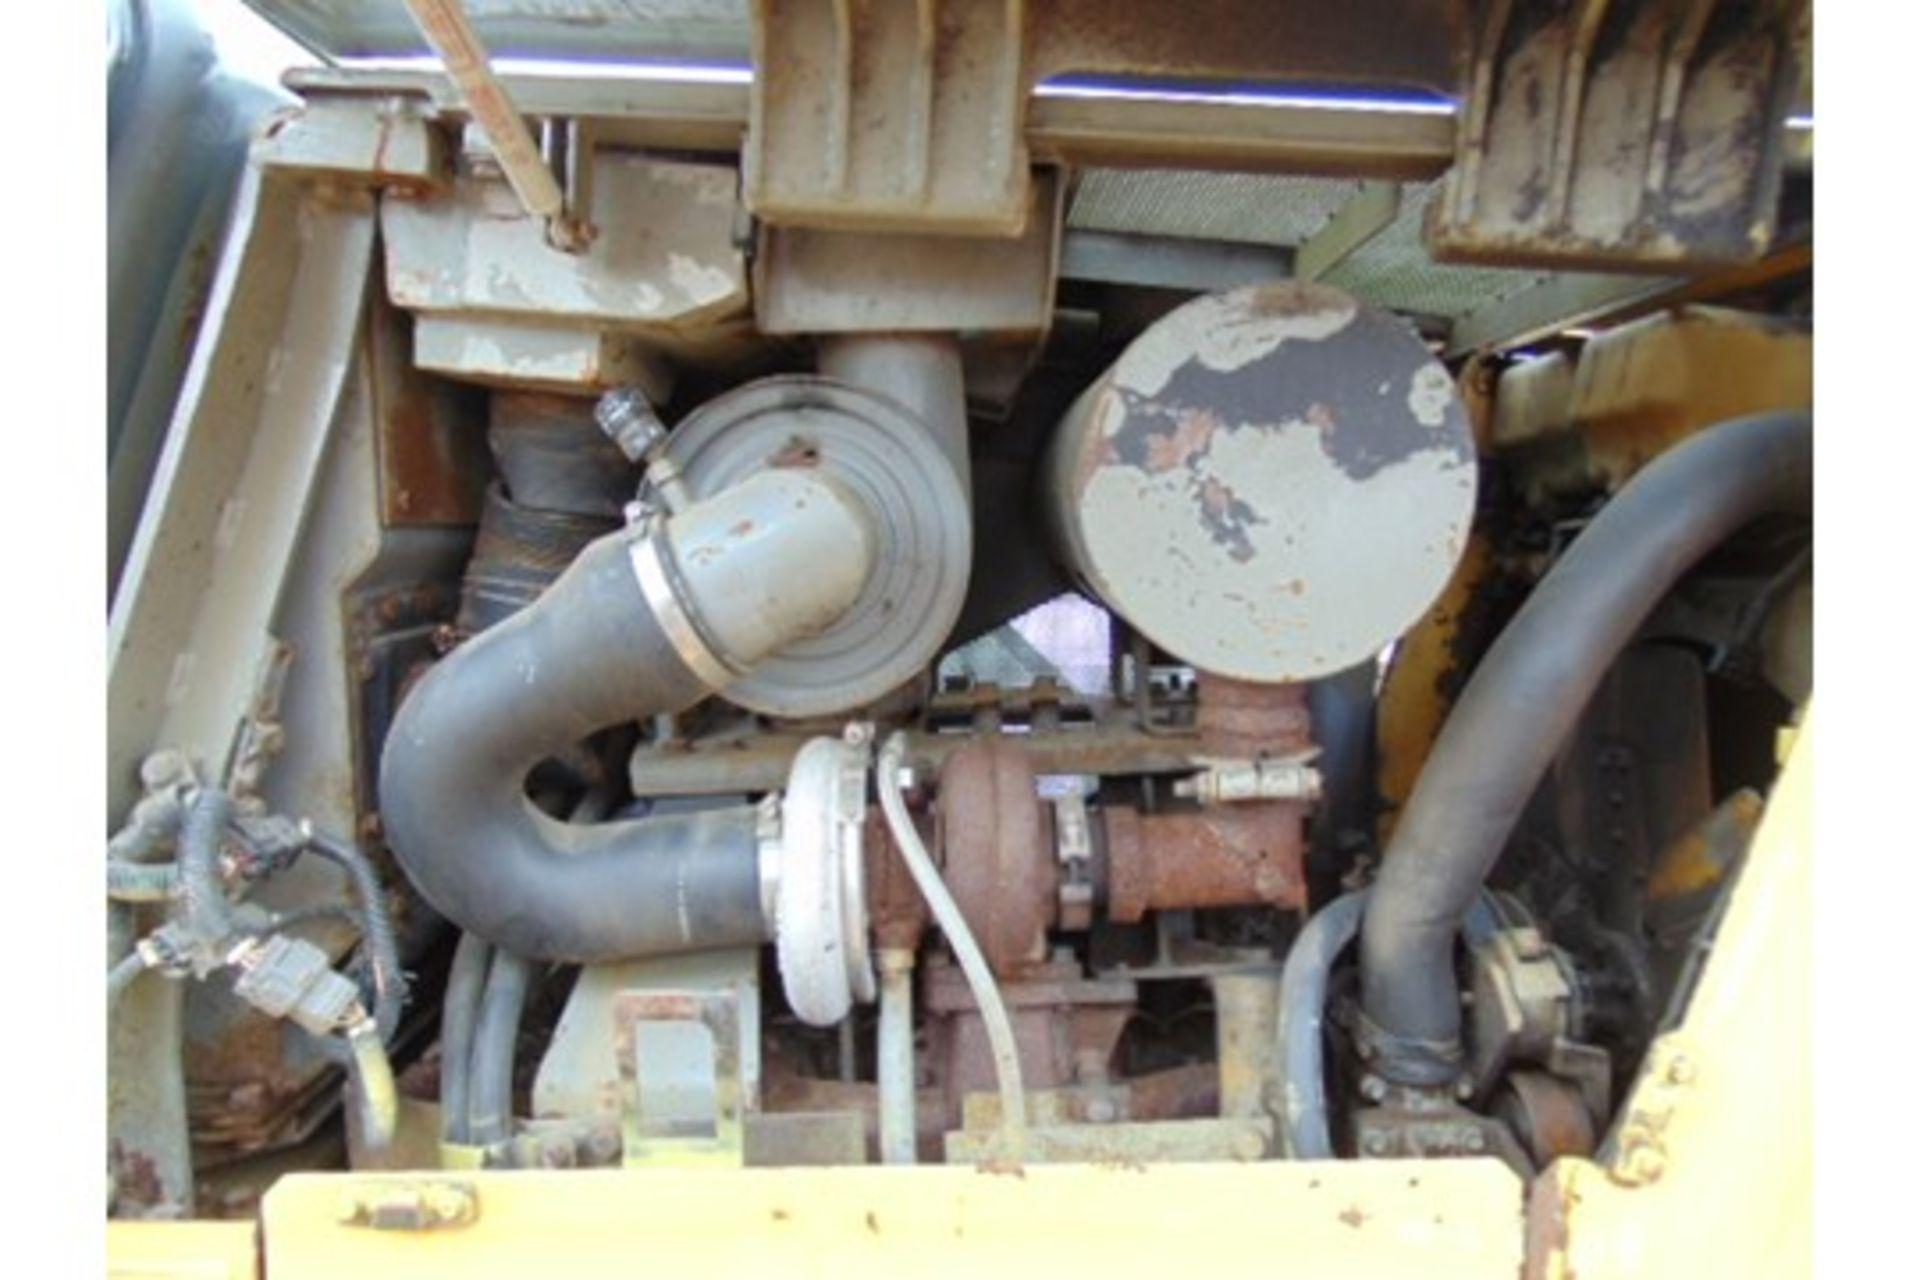 Lot 39 - 1997 Komatsu D41 P-6 Bull Dozer Crawler Tractor